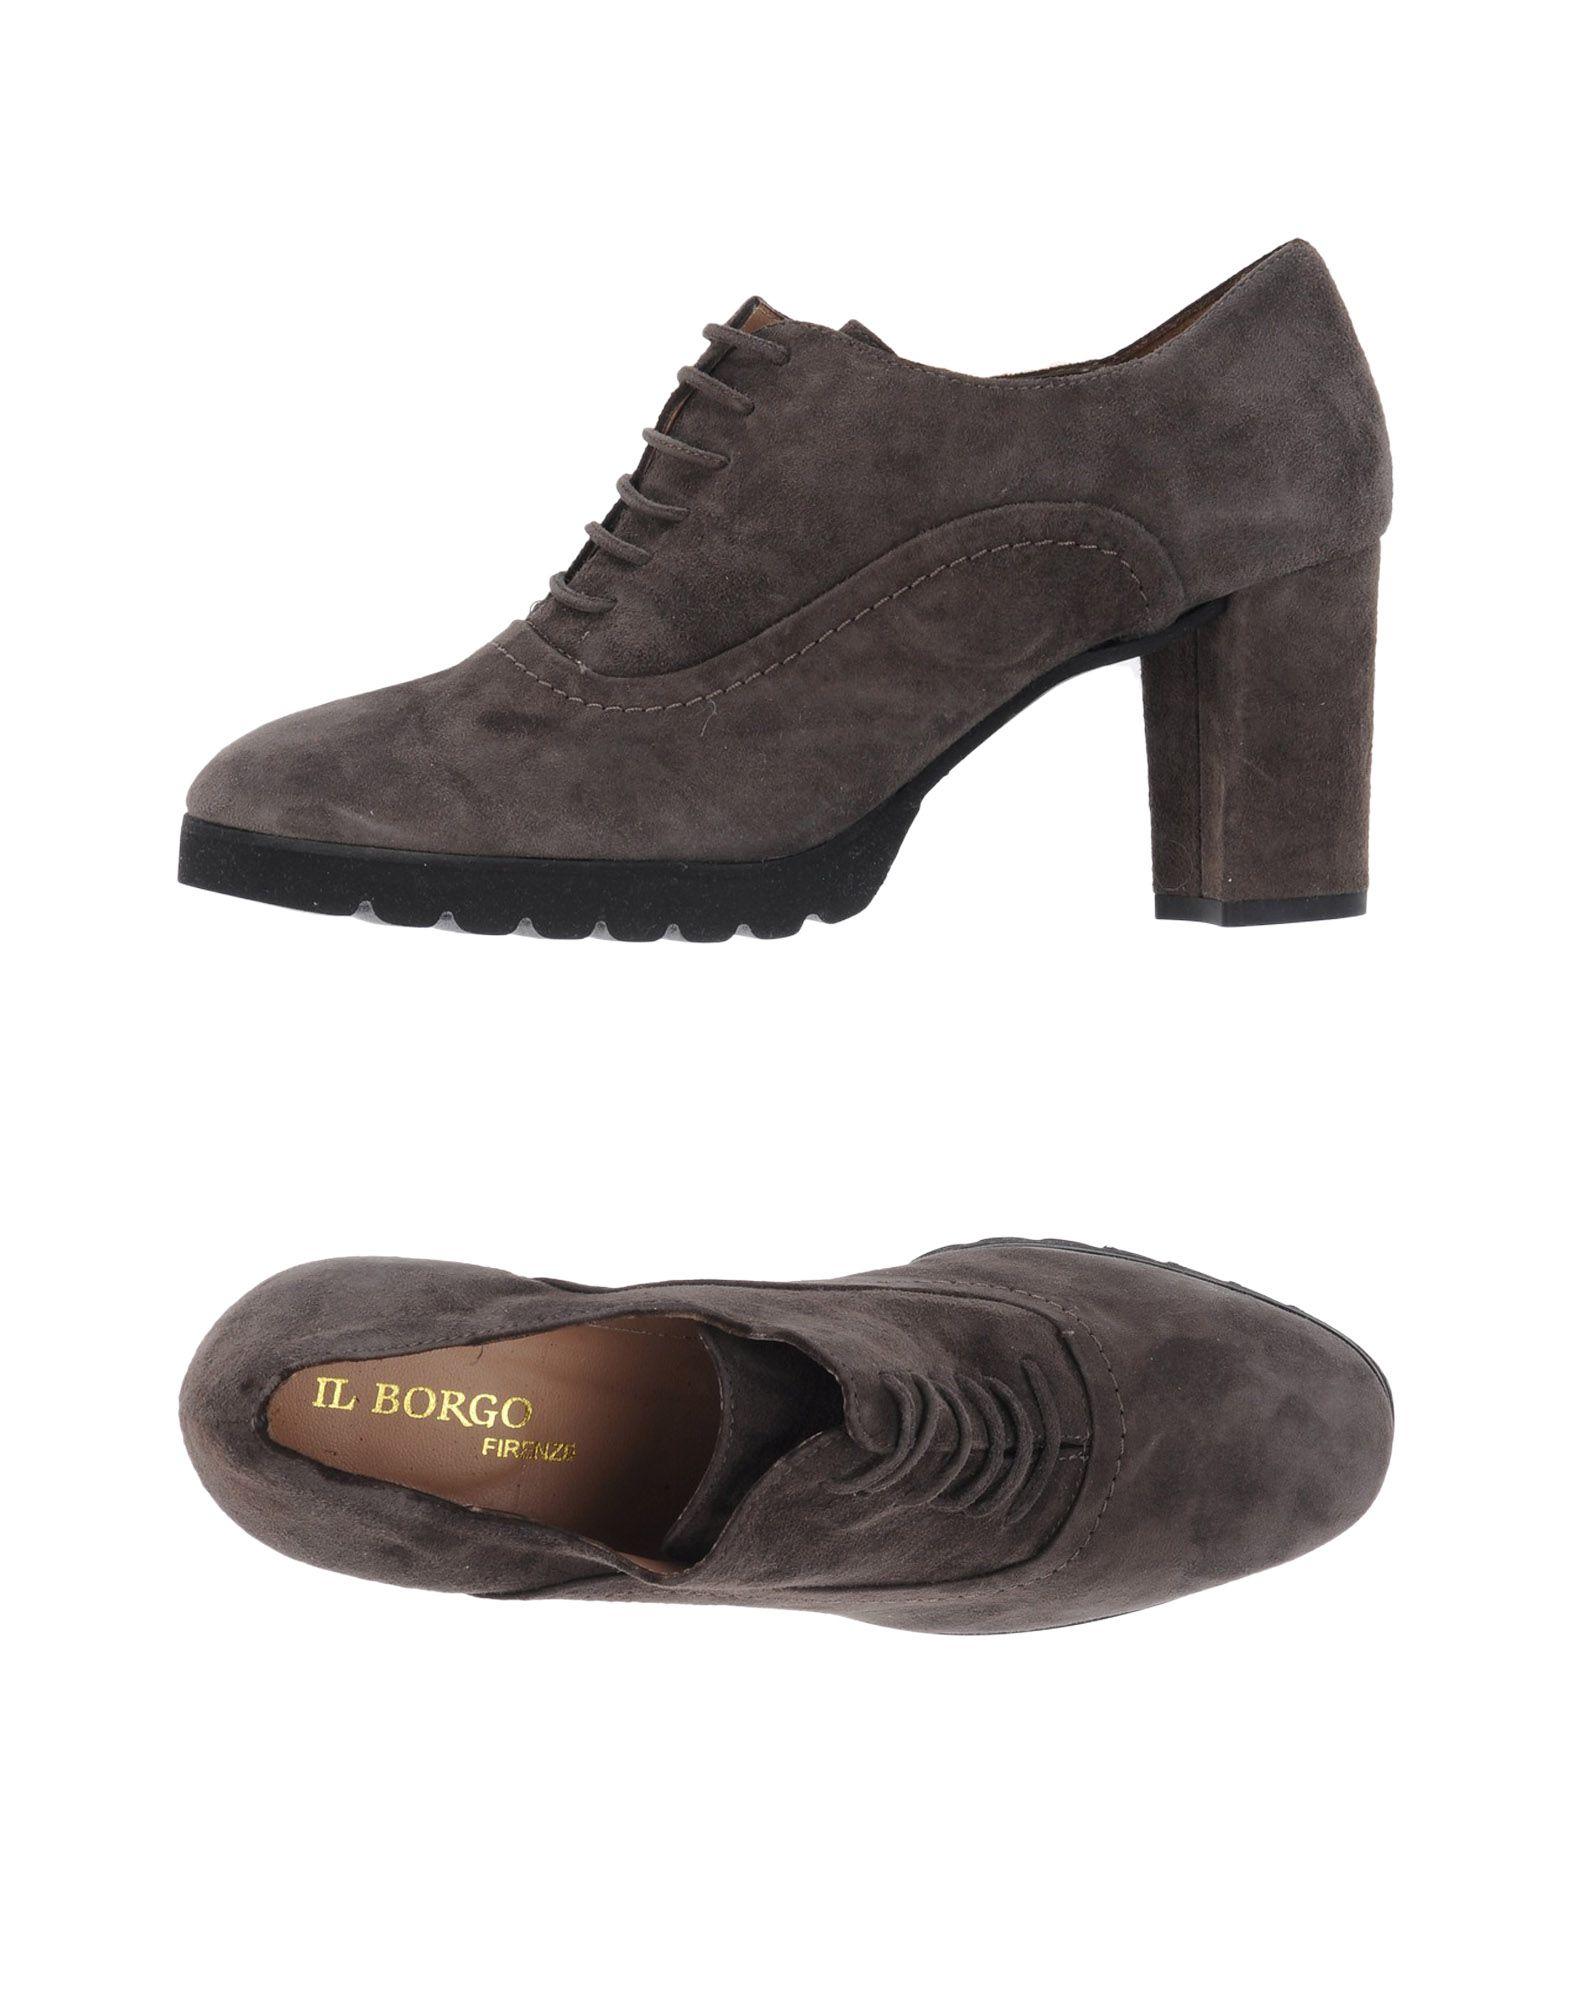 CHAUSSURES - Chaussures à lacetsIl Borgo Firenze Vente Fiable Acheter Pas Cher Dernière Prix De Gros Pas Cher En Ligne Vente Finishline jJXK8